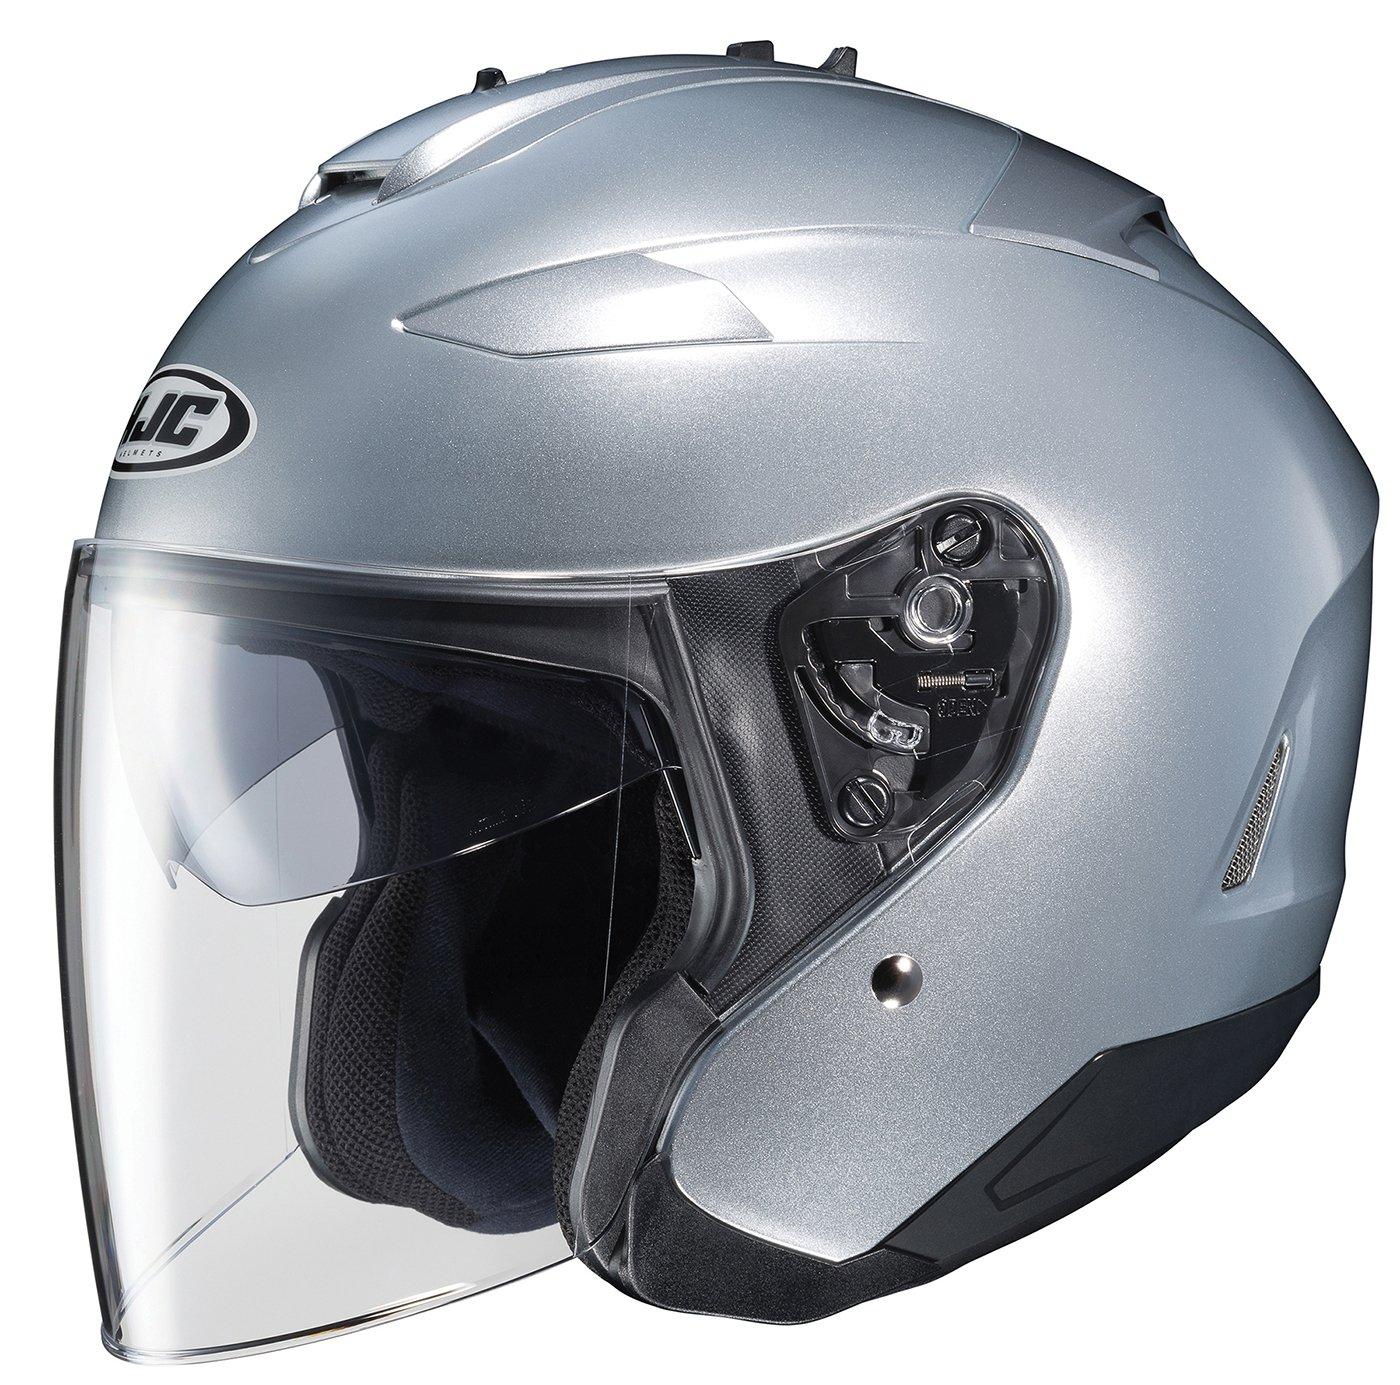 Silver, XX-Large HJC IS-33 II Open-Face Motorcycle Helmet 874-576